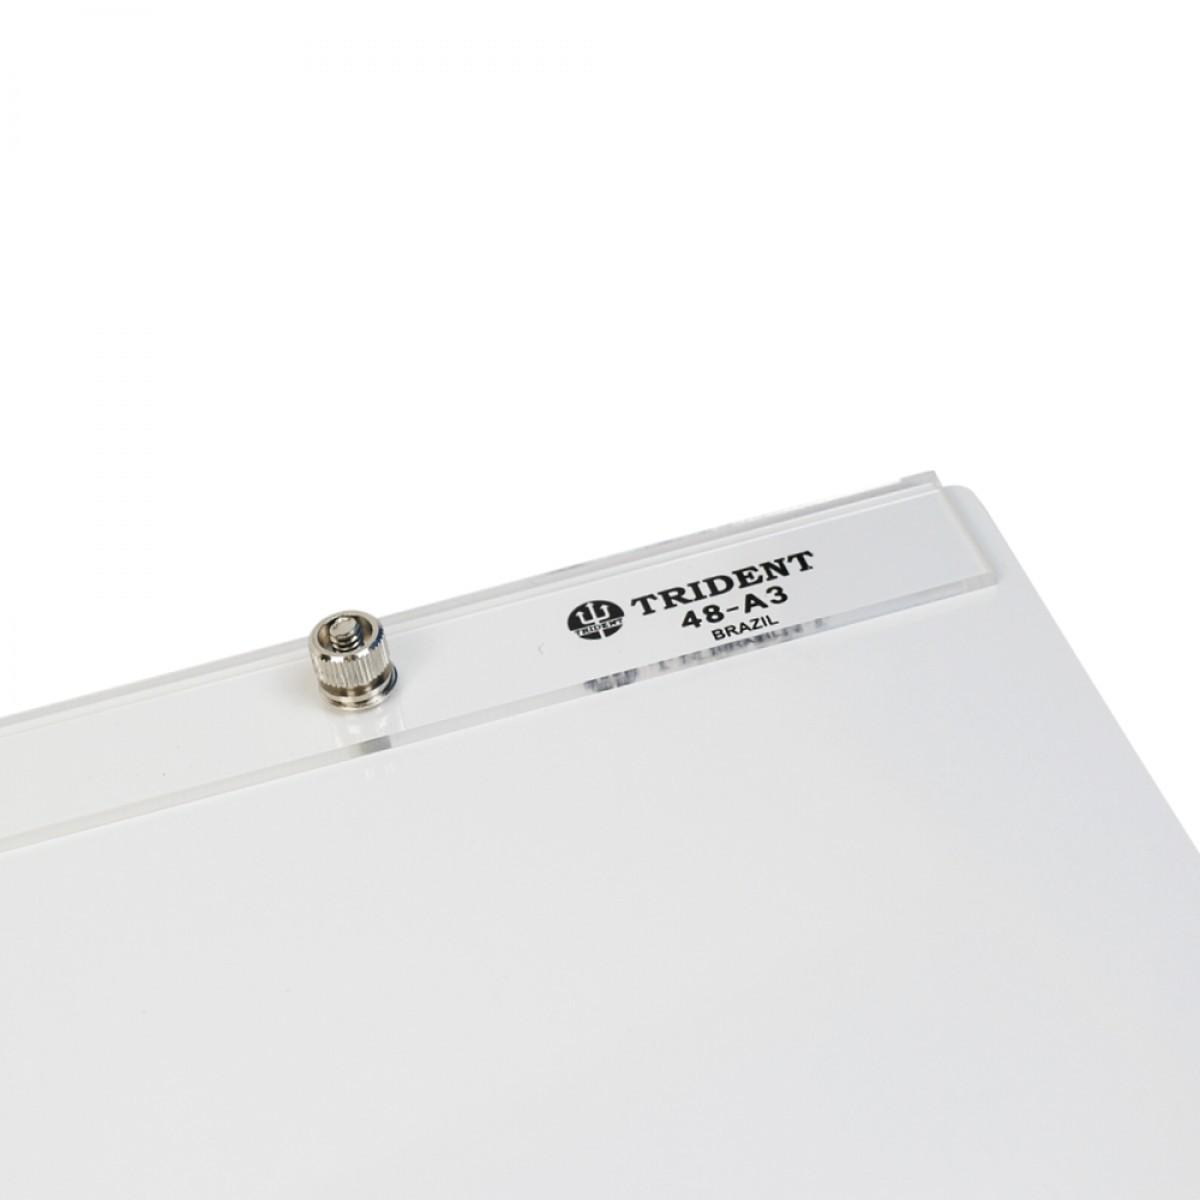 Prancheta Portátil  Retangular de Fórmica Branca A3 48-A3F - Trident